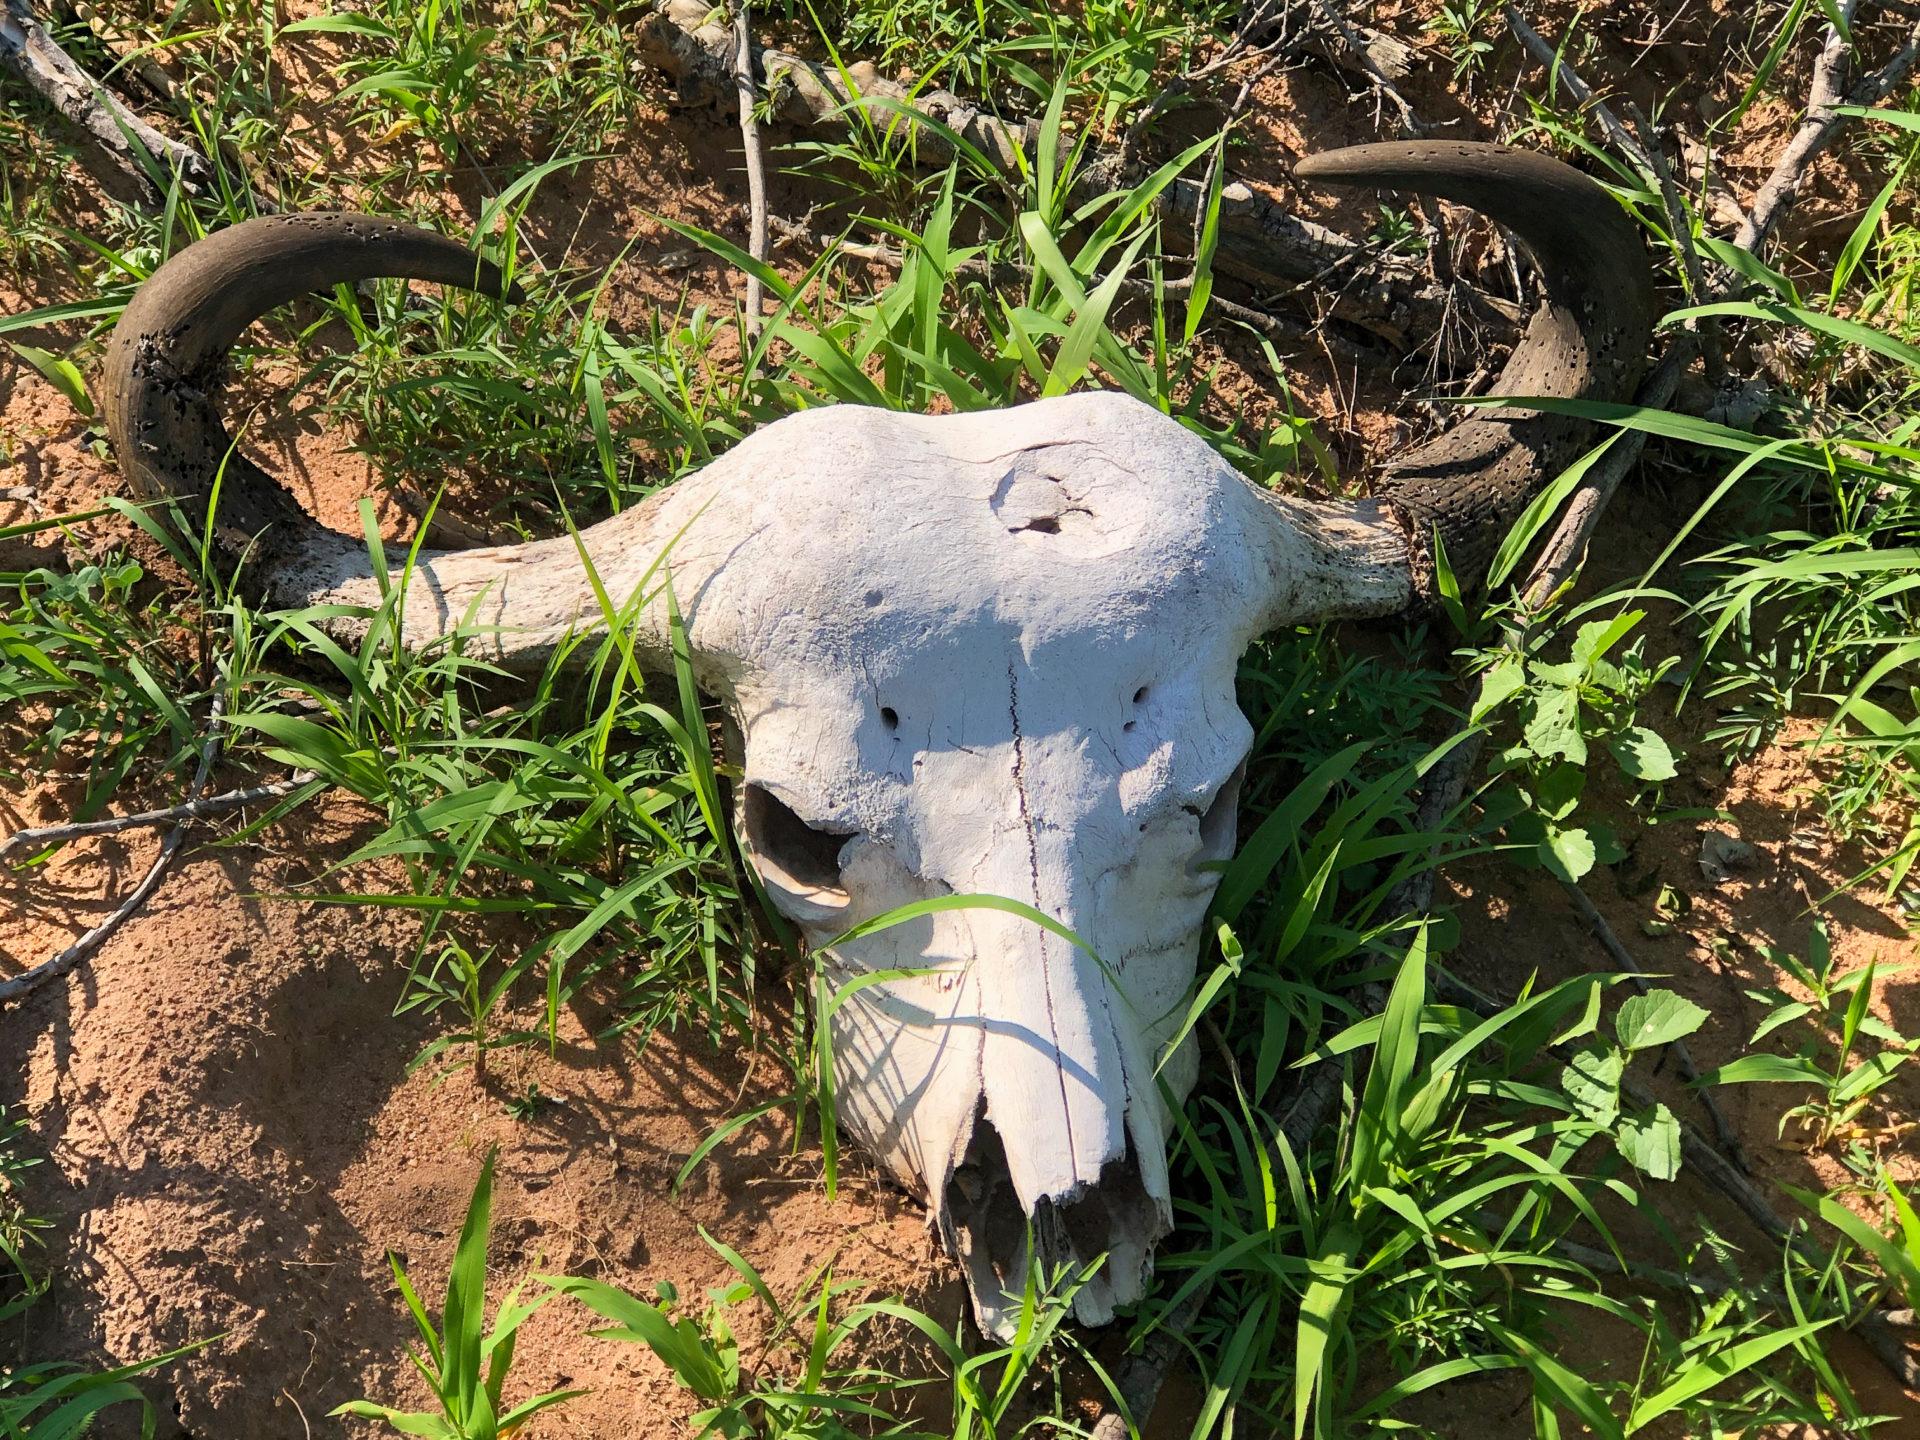 Der Schädel eines Wasserbüffels im Greater Krueger National Park